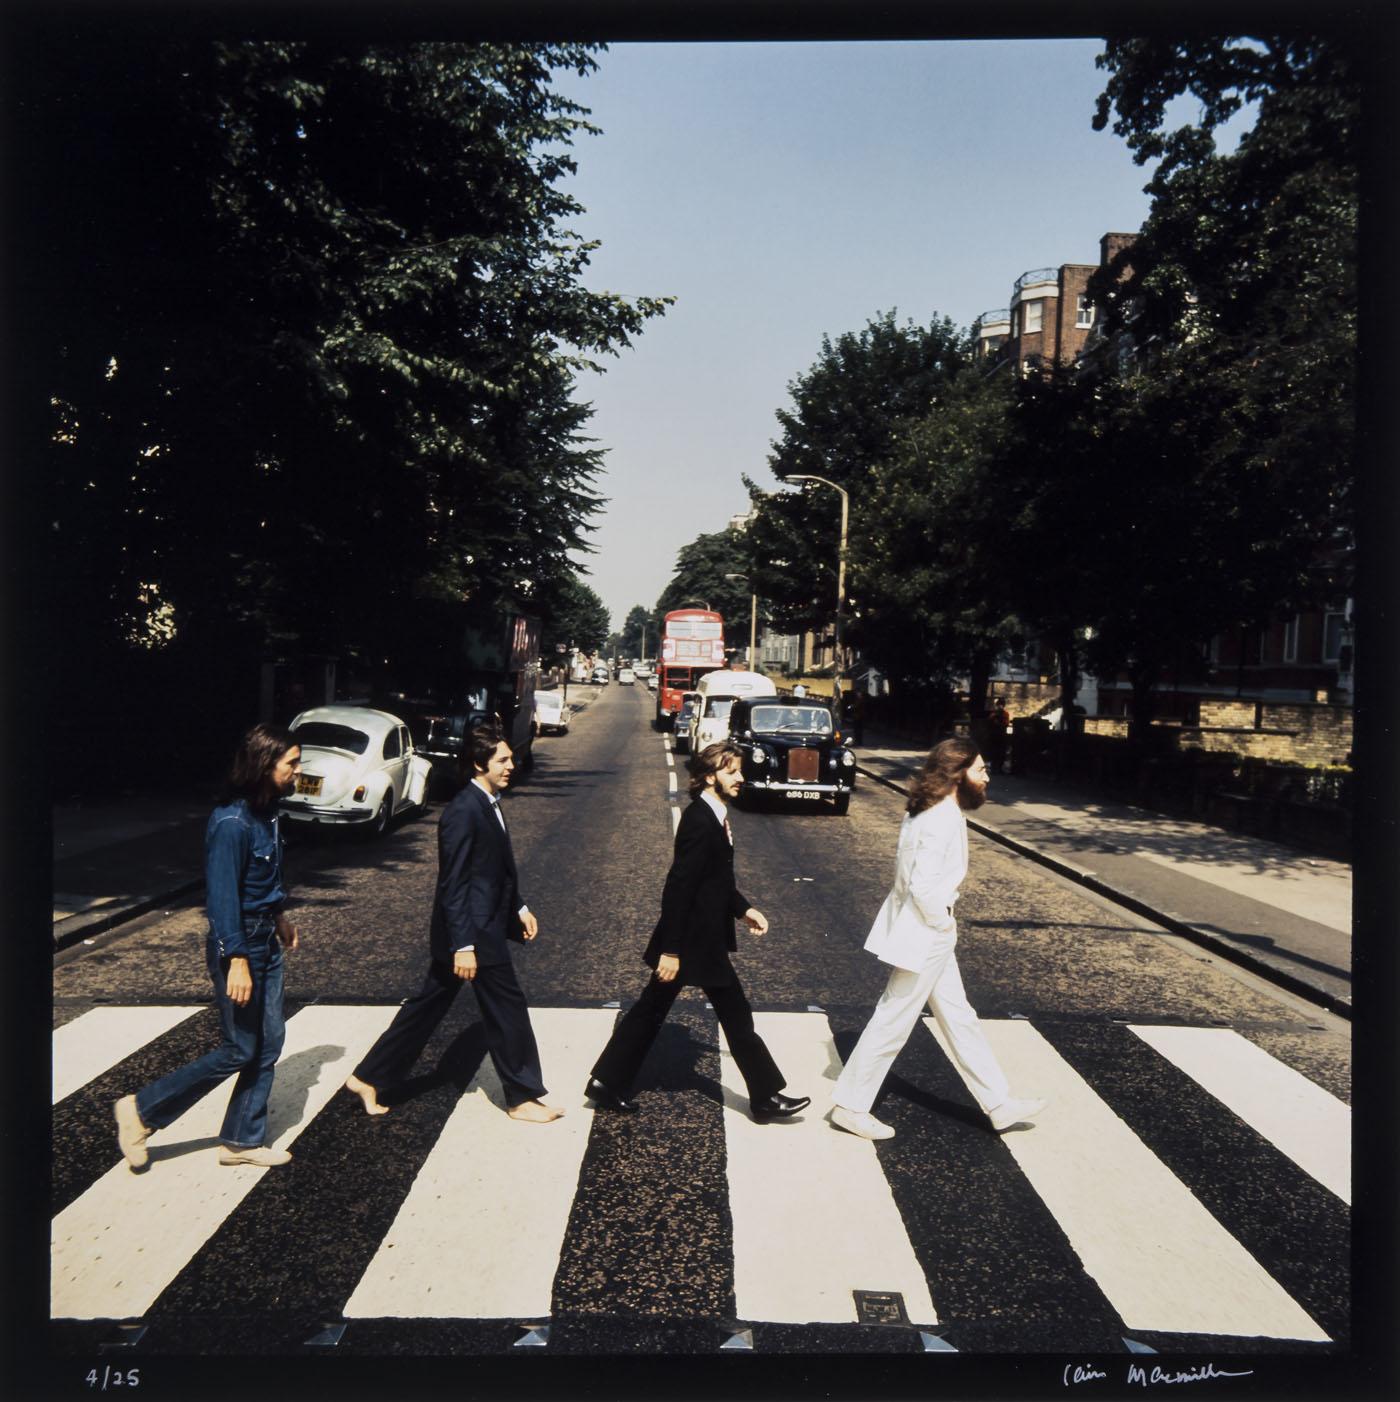 Le dessous des images les beatles sur abbey road for Beatles tattoo abbey road